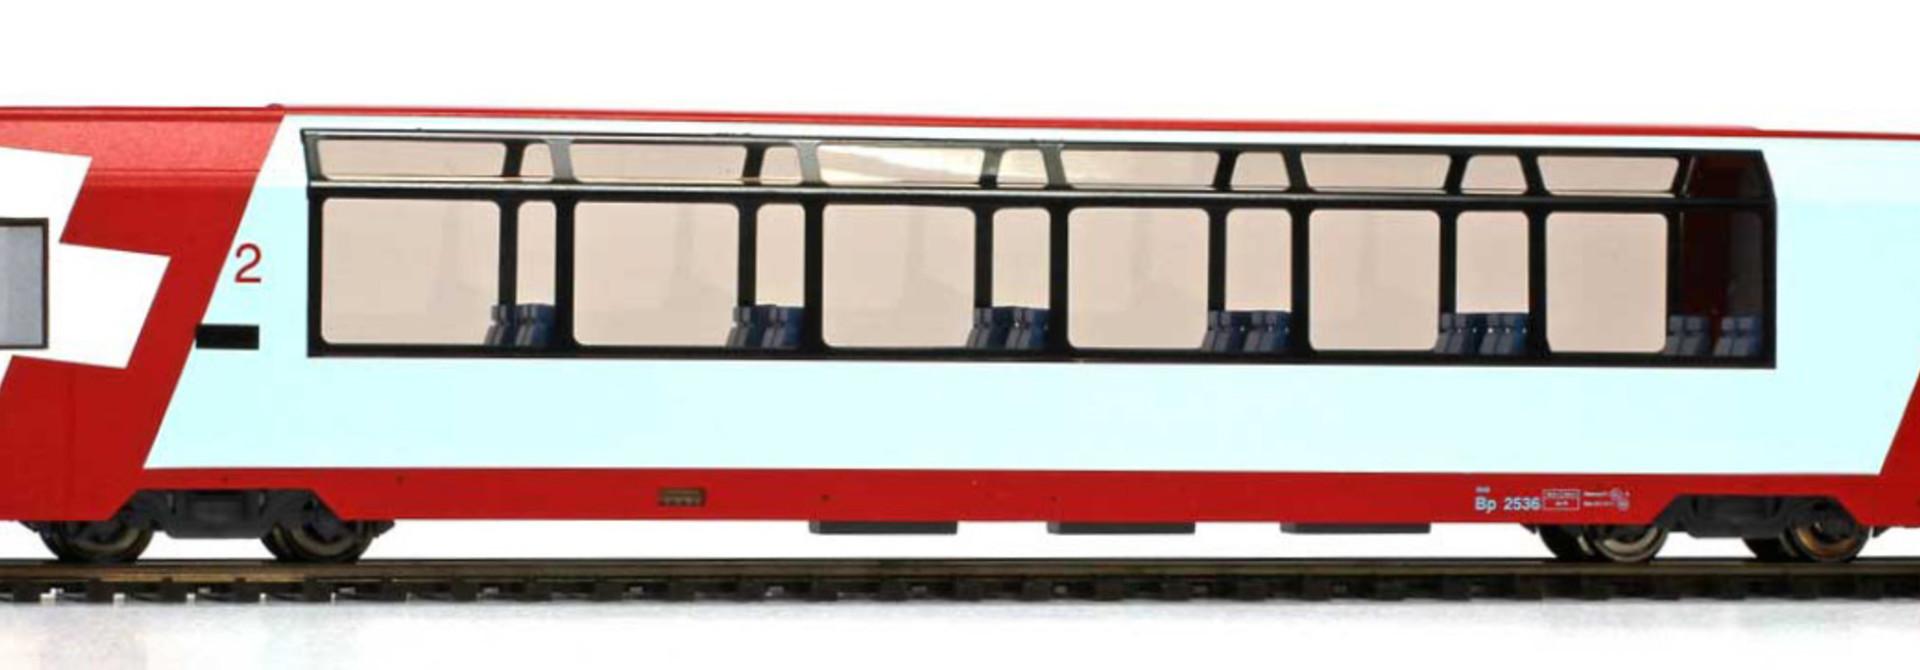 """3589126 RhB Bp 2536 """"Glacier Express"""" H0 3L-WS"""